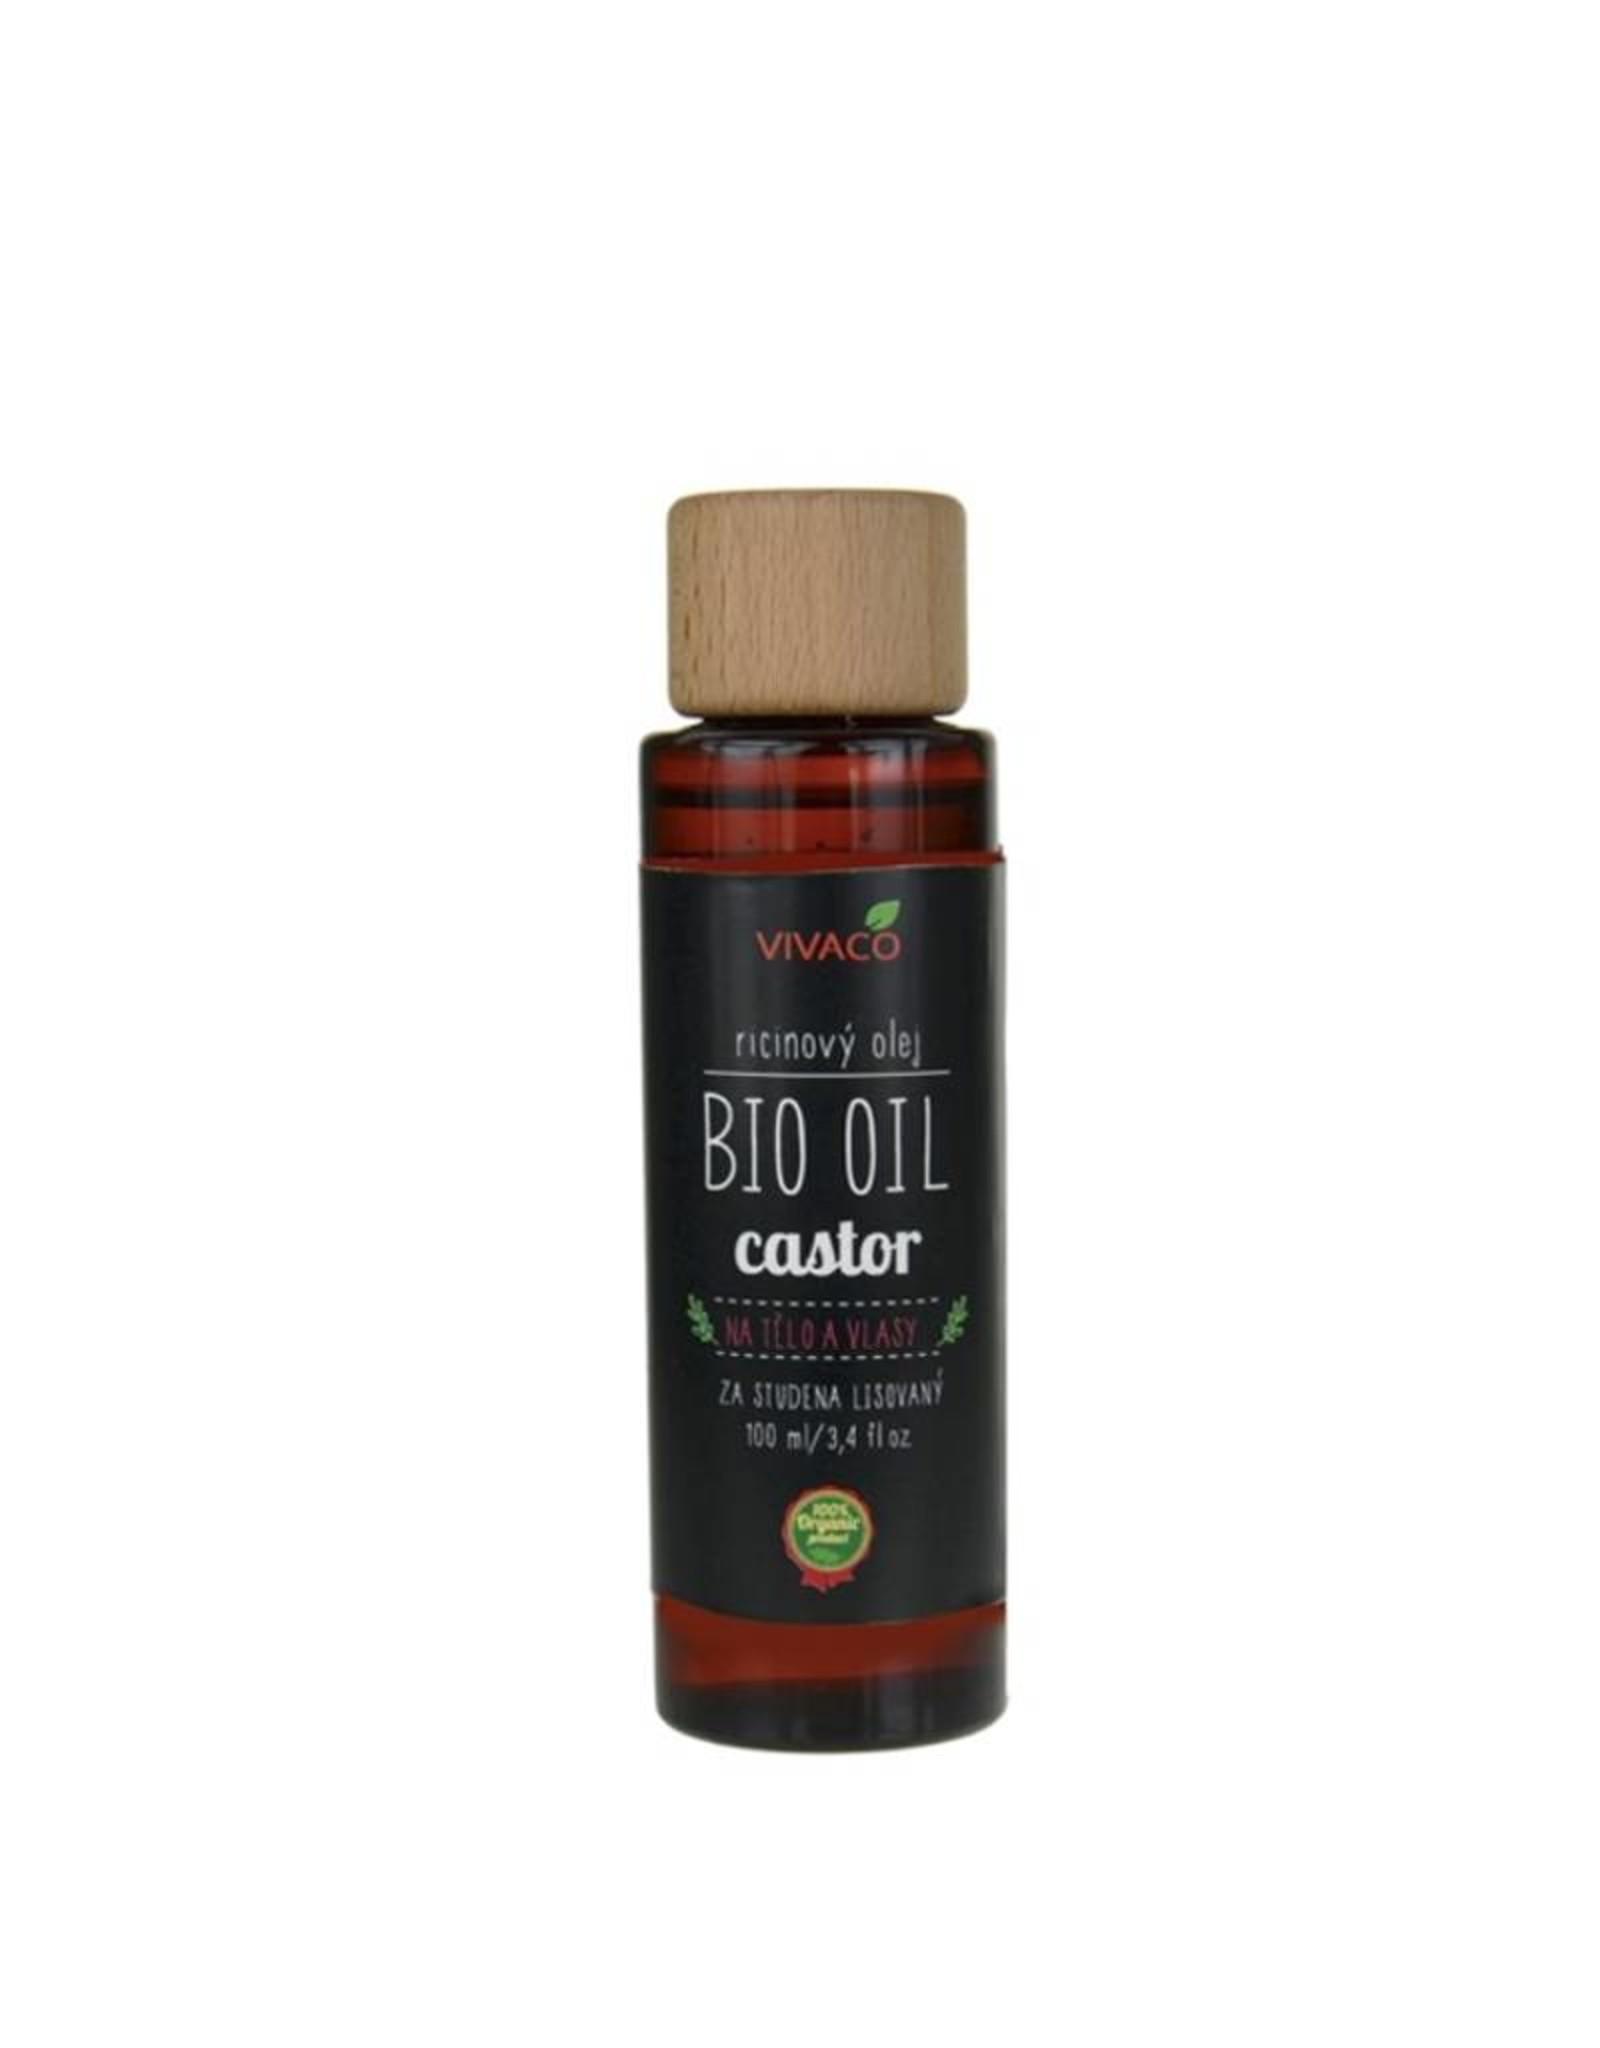 VIVACO BIO OIL - Castor Olie (100% organisch)